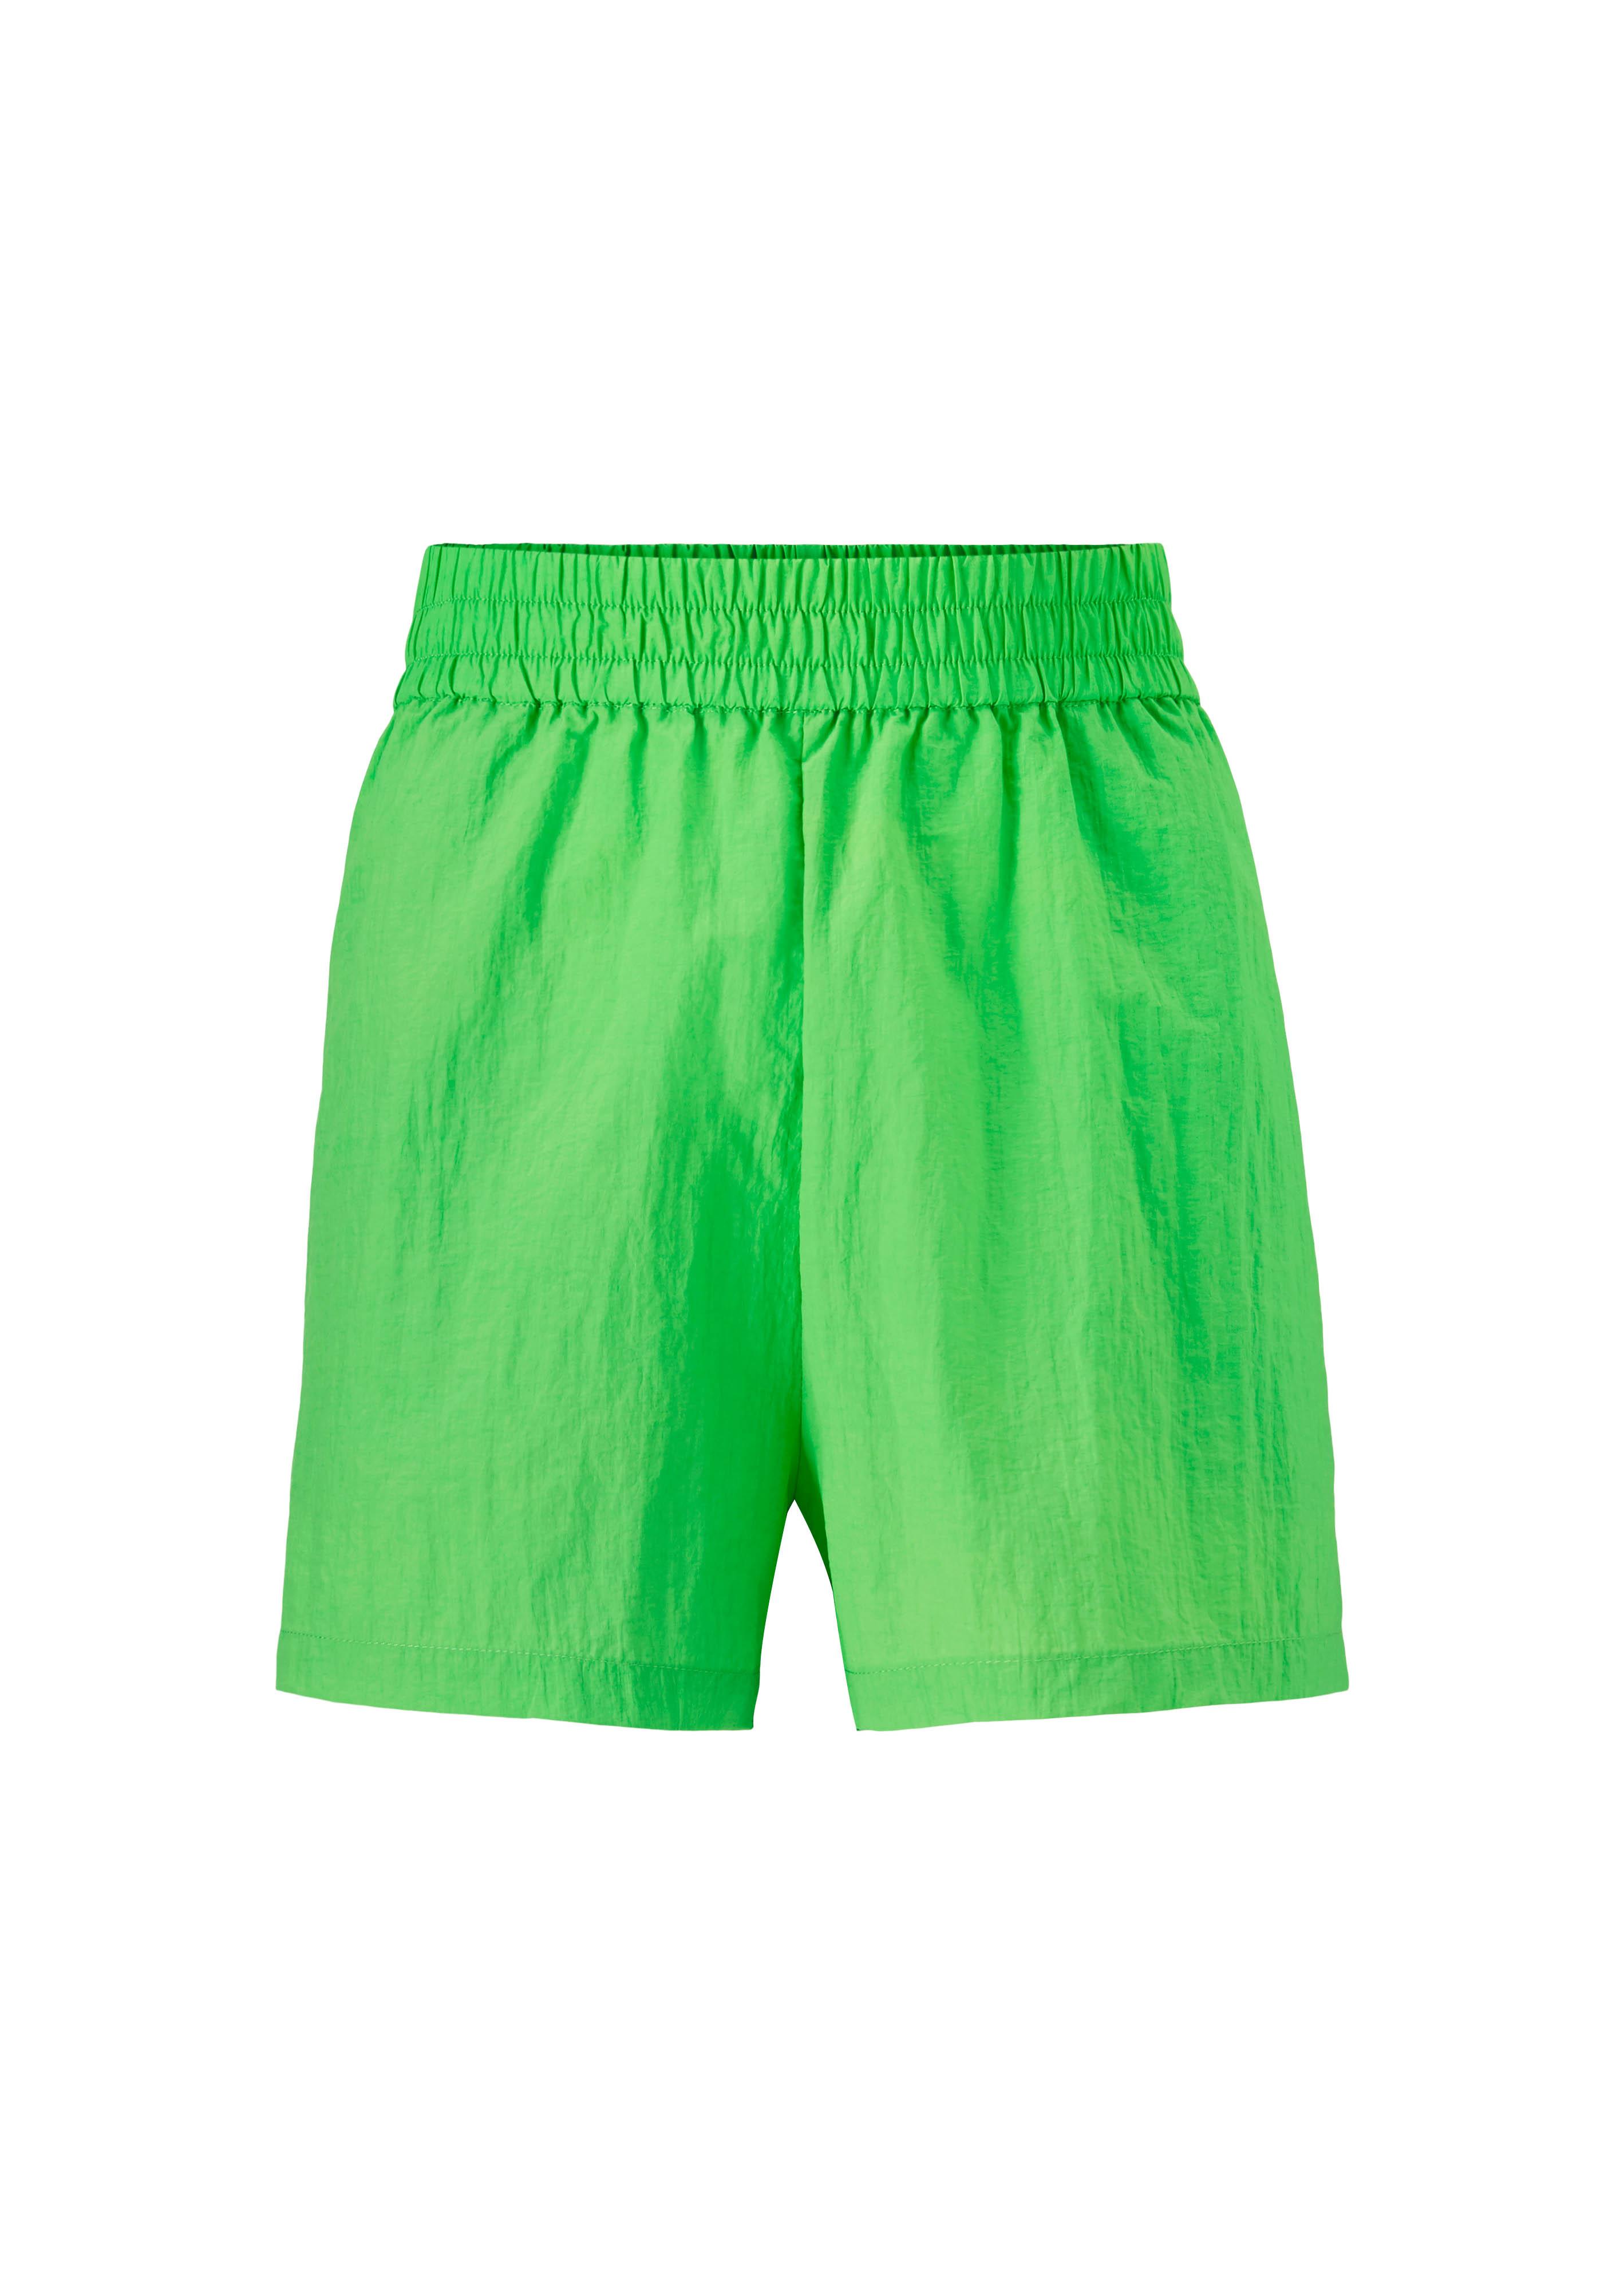 Modström Janice shorts, poison, small